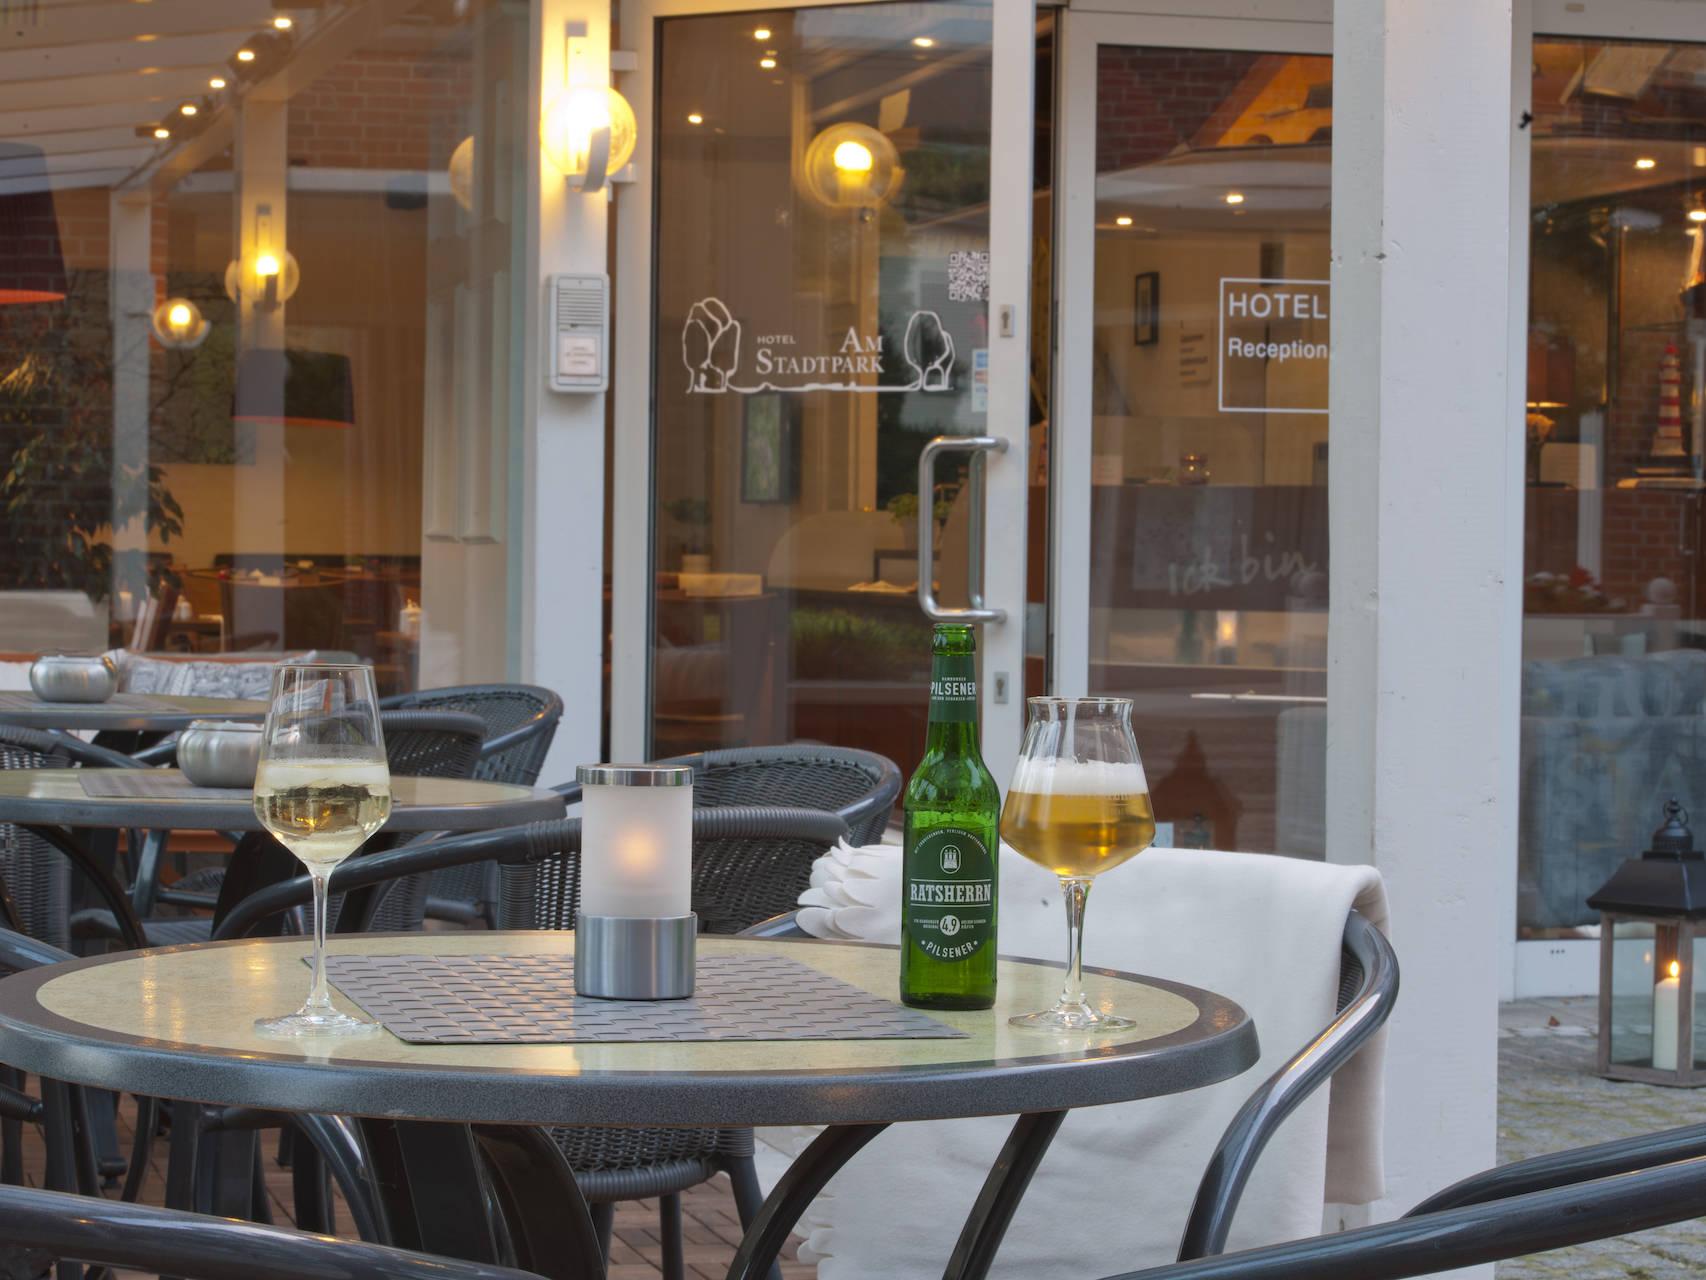 Aussenansicht Hotel am Stadtpark Buxtehude 2 uai